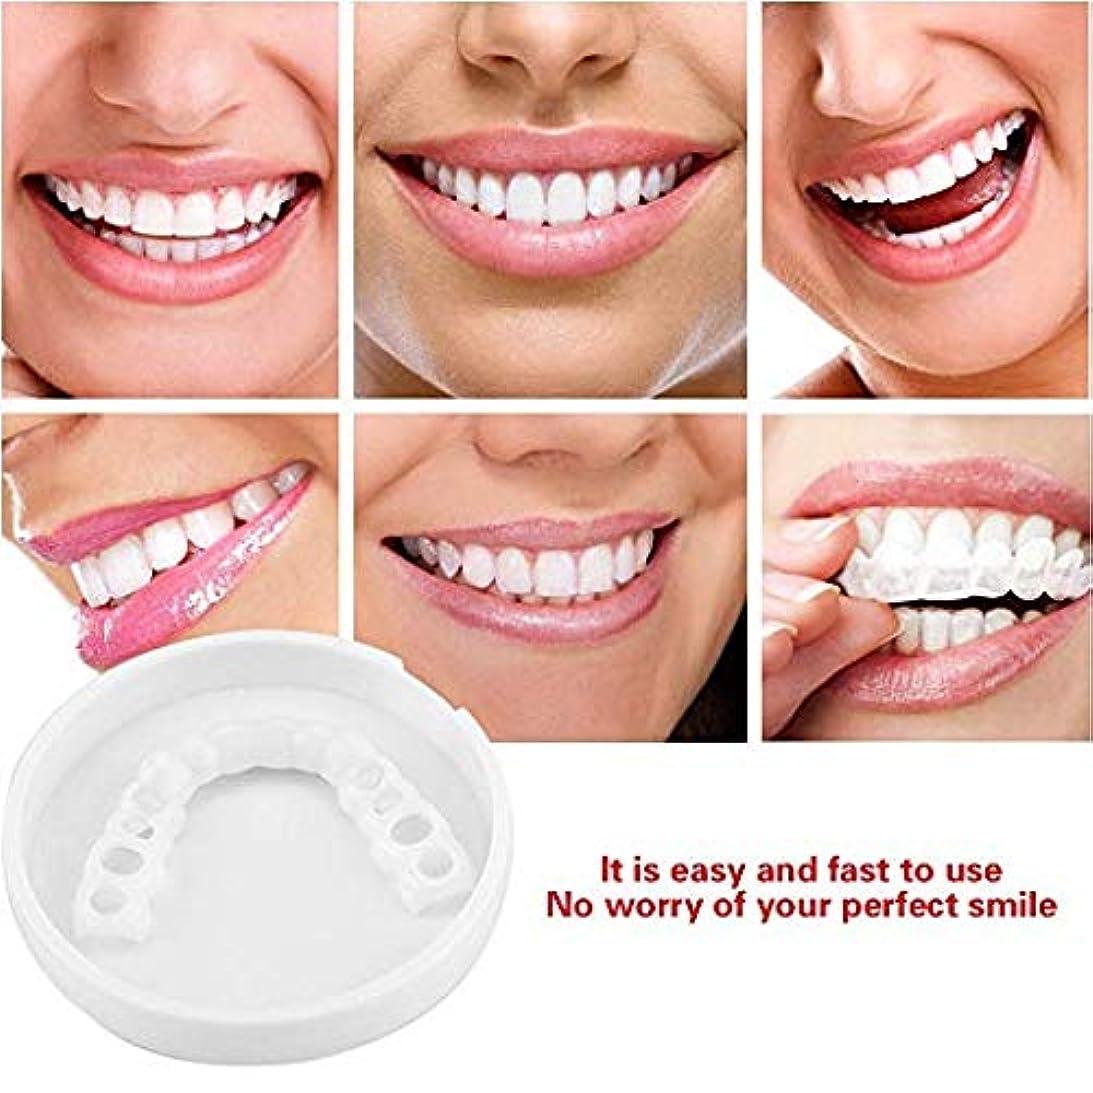 防止間違っている狂った16セットのコスメティックデンタルマッサージ、笑顔、笑顔、快適、すべてのメイクアップ歯に最適、最も快適な義歯ケア用のワンサイズ